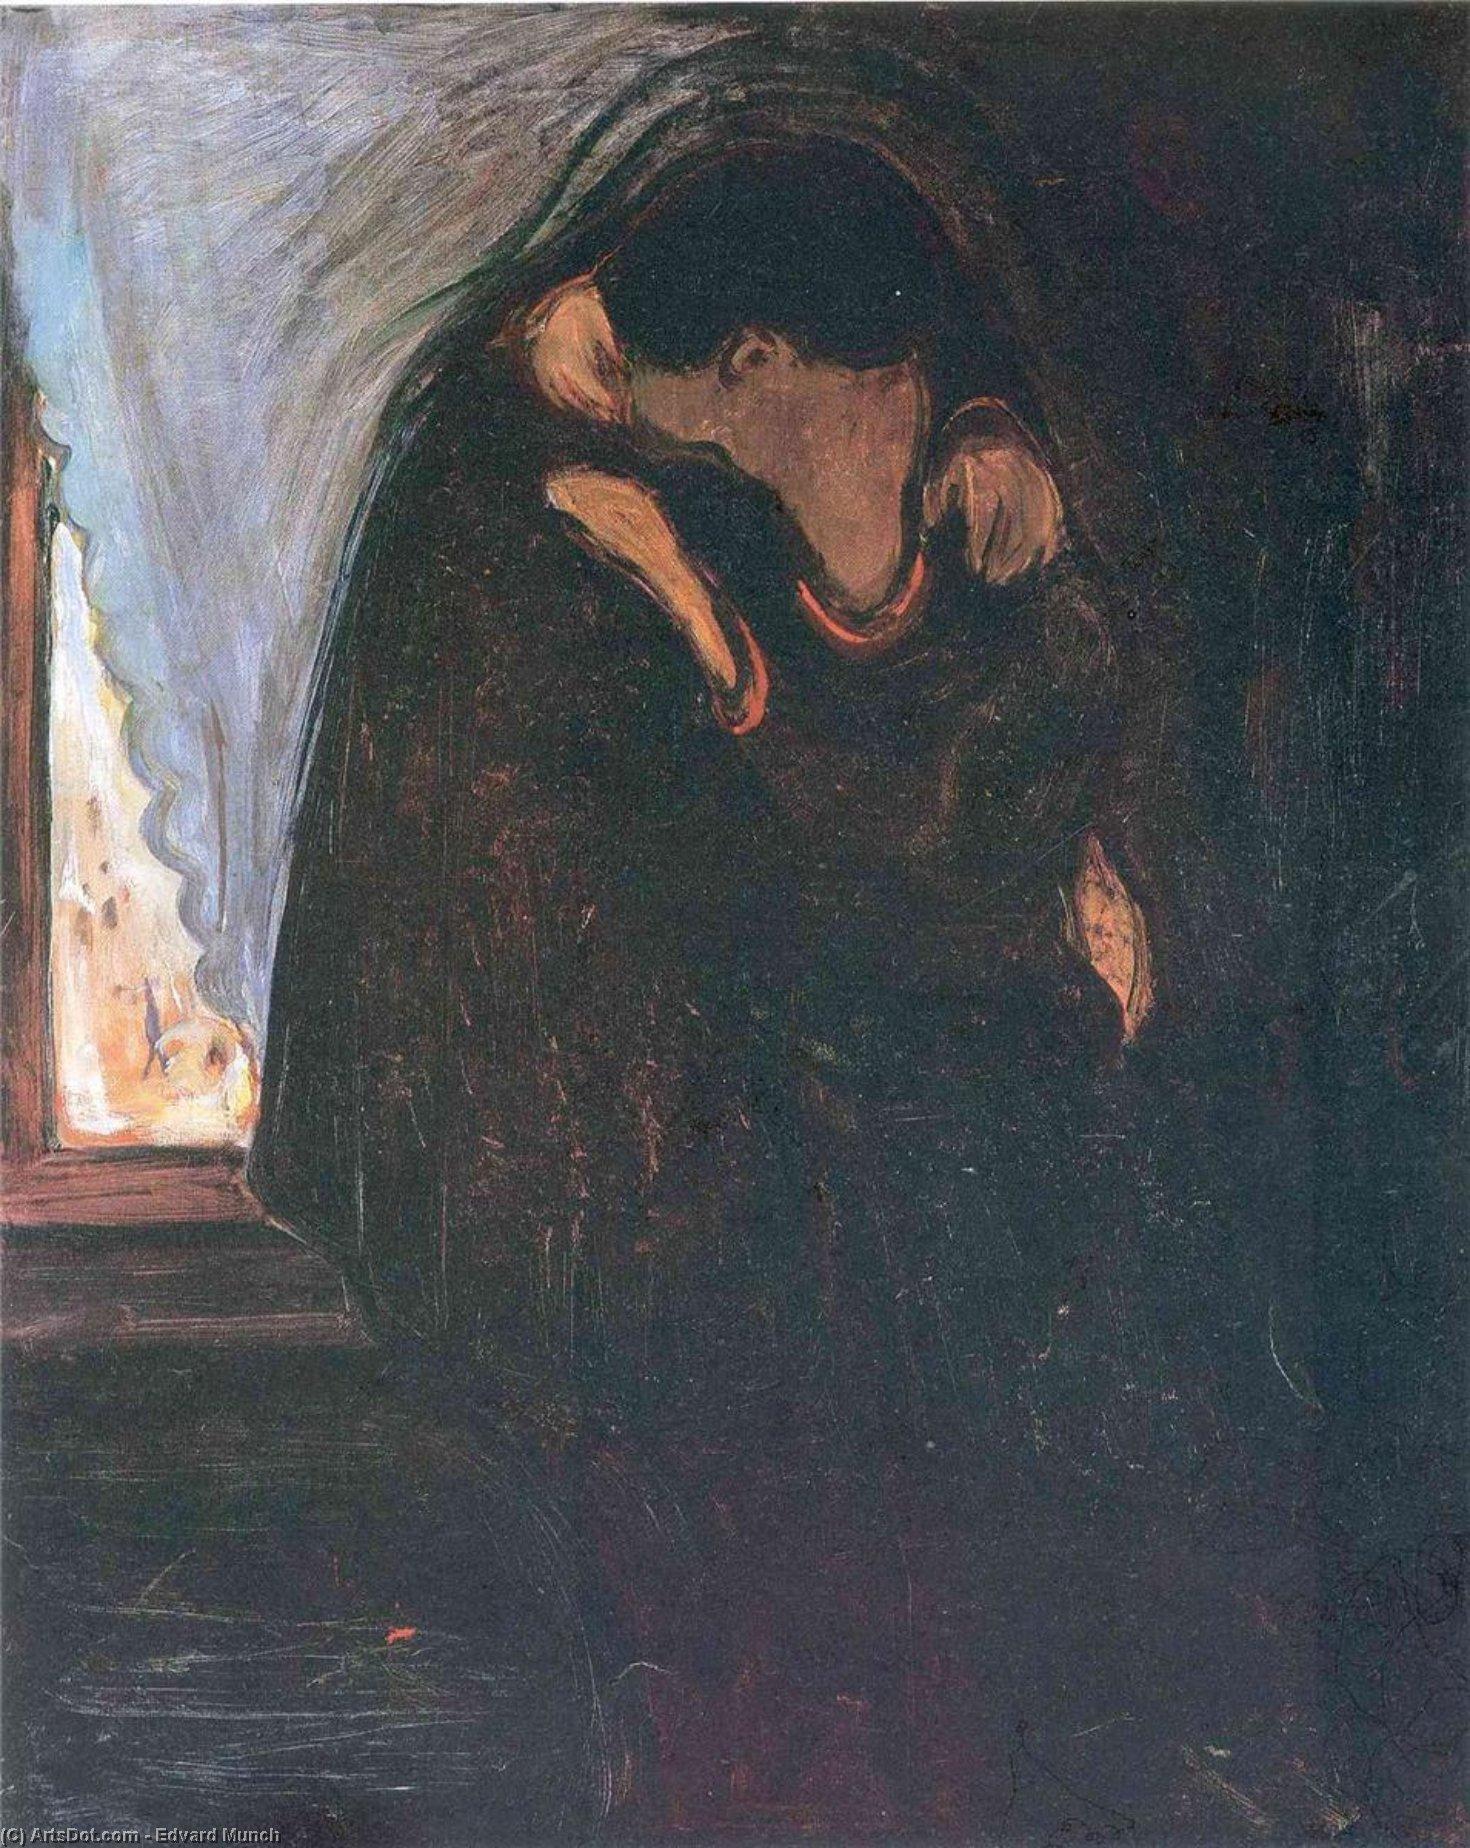 beso - Edvard Munch